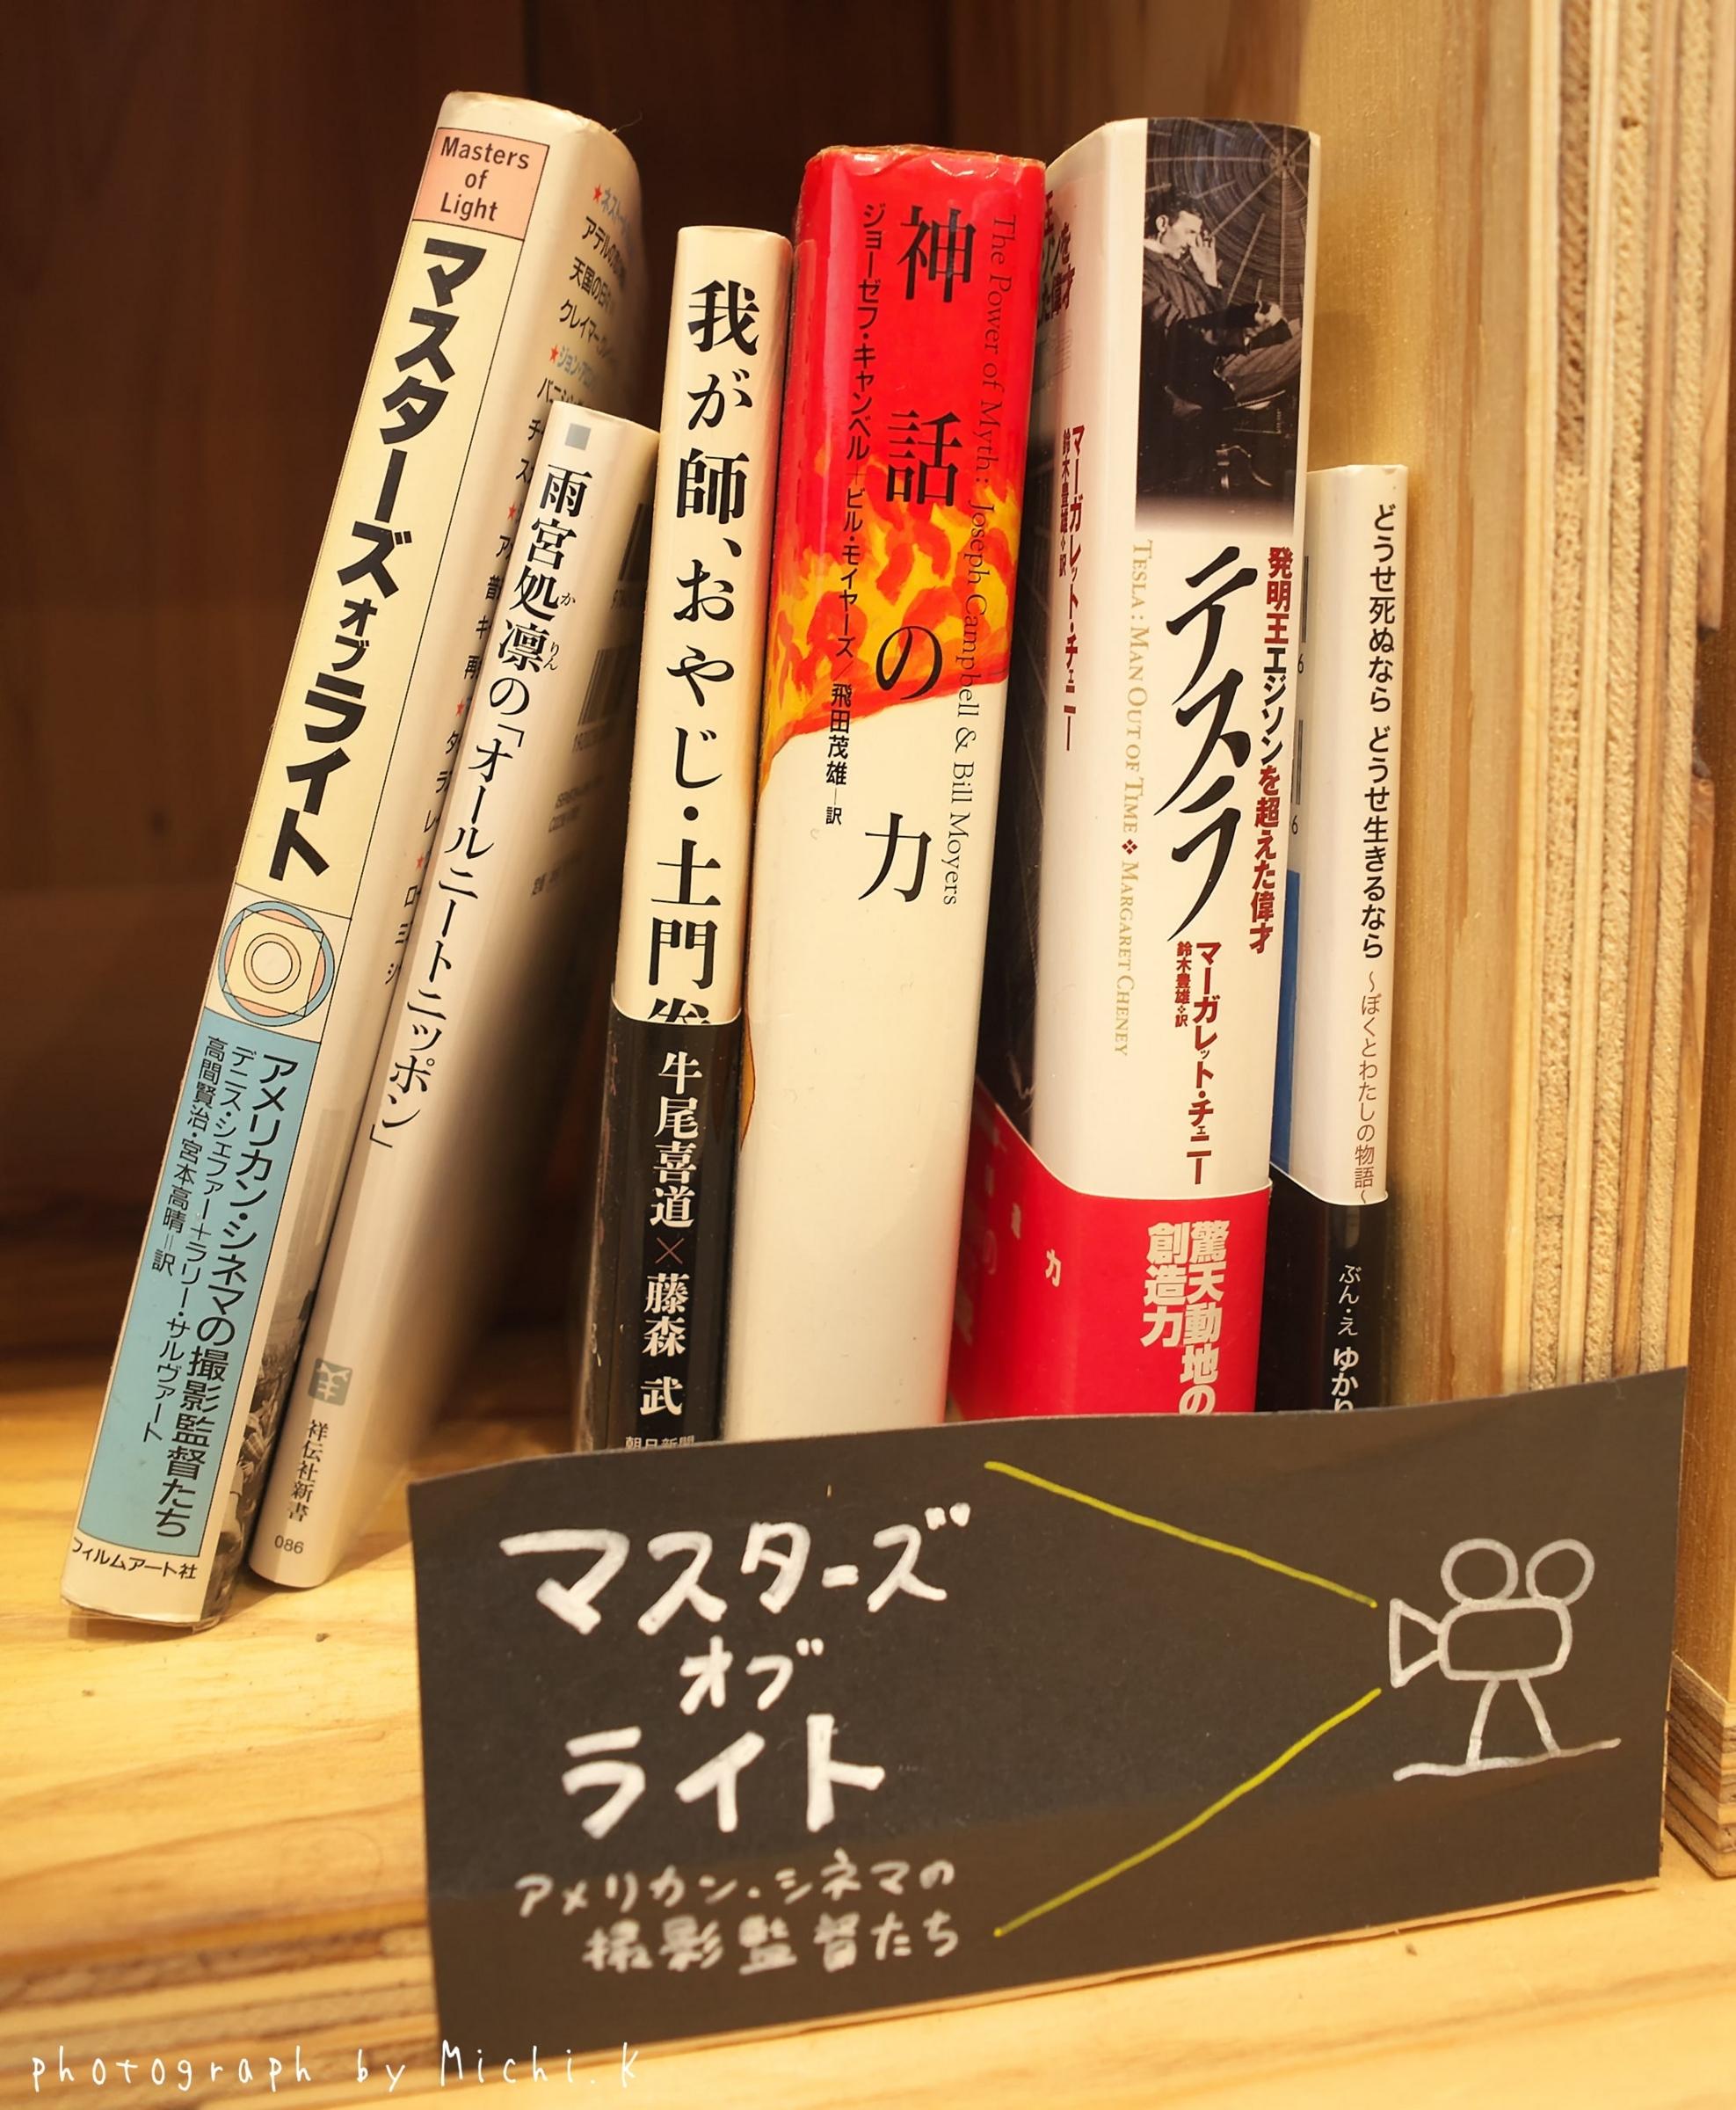 山形市の郁文堂書店、クラウドファンディングで出来た本棚(その2)